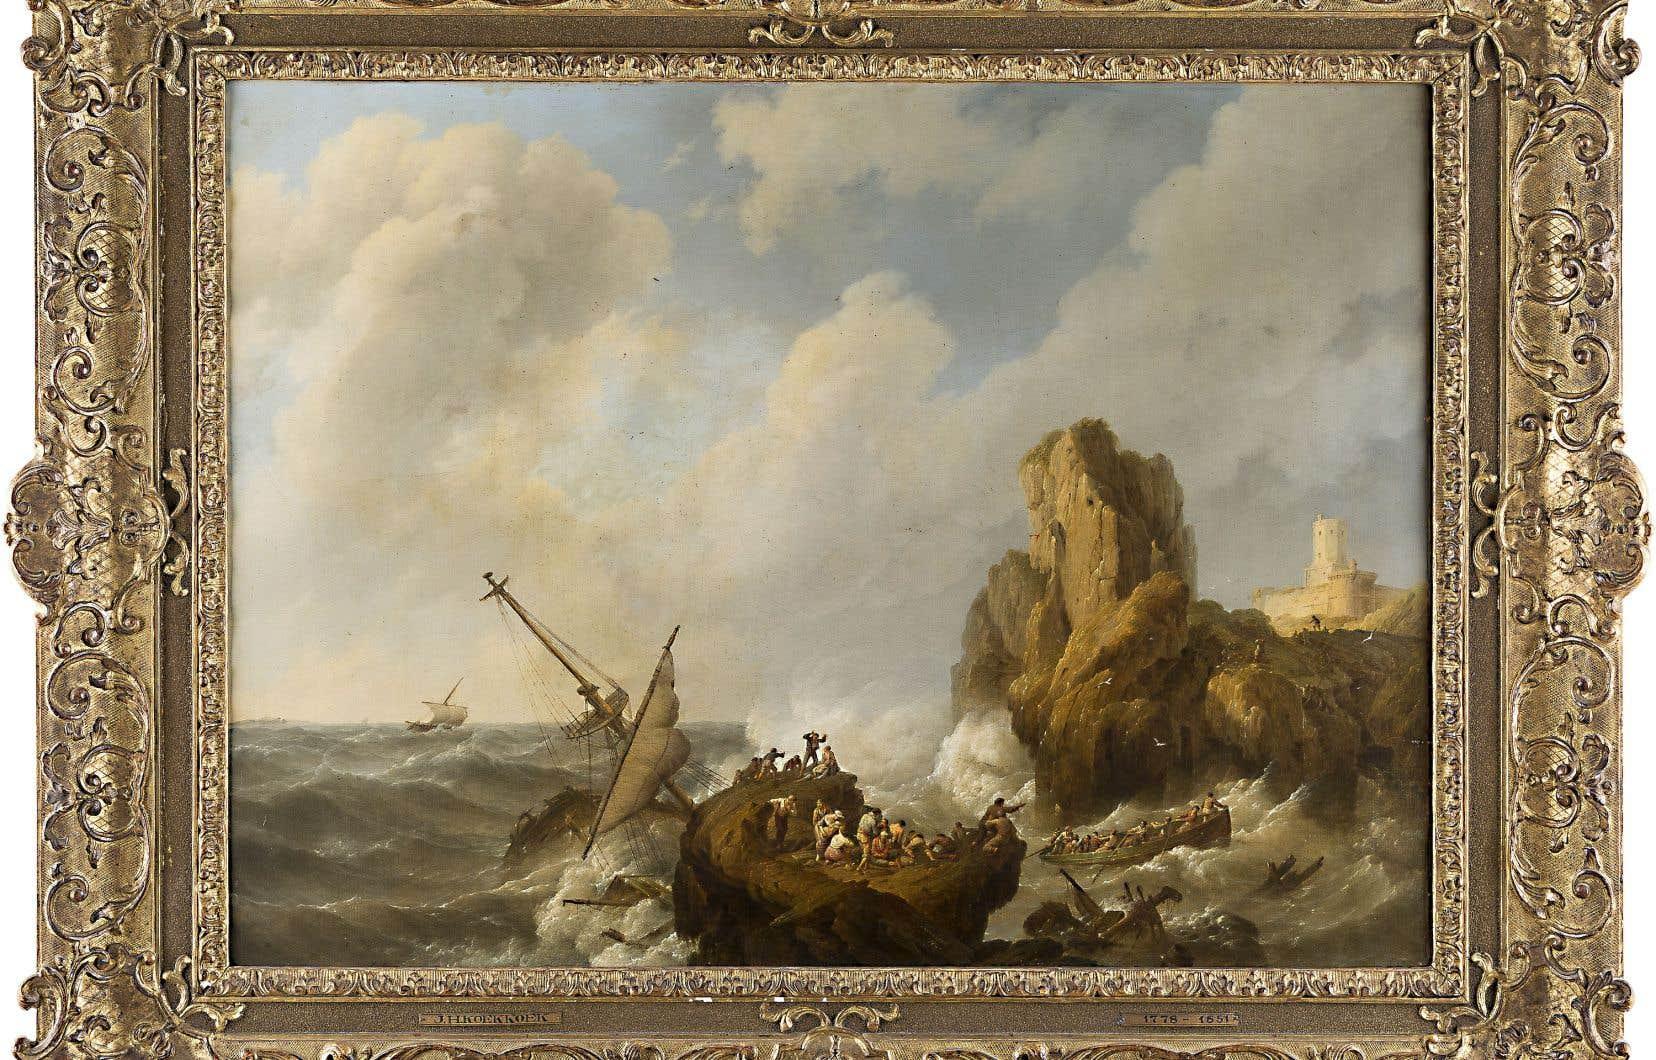 Le régime nazi avait forcé en 1937 la liquidation du tableau «Une tempête en mer» (1841), du peintre néerlandais Johannes Hermanus Koekkoek (1778-1851), appartenant au marchand d'art Max Stern, qui s'est réfugié ensuite à Montréal.